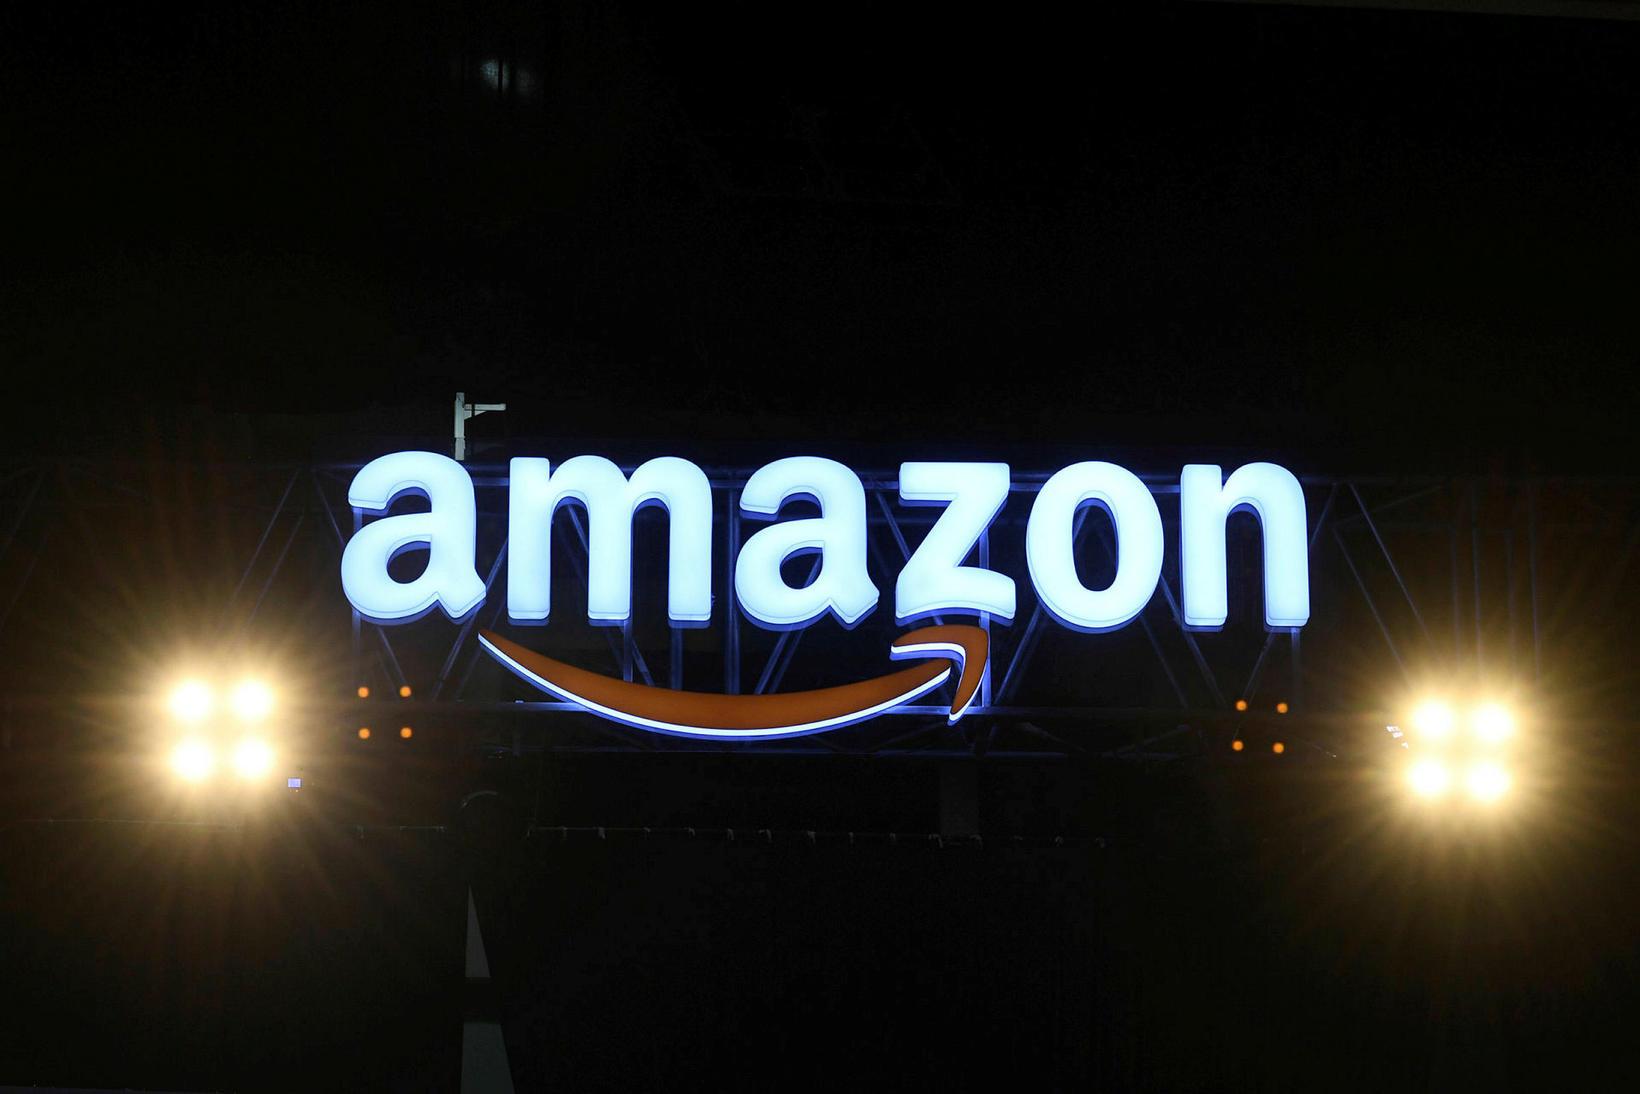 Valkostir viðskipti stefnu Amazon